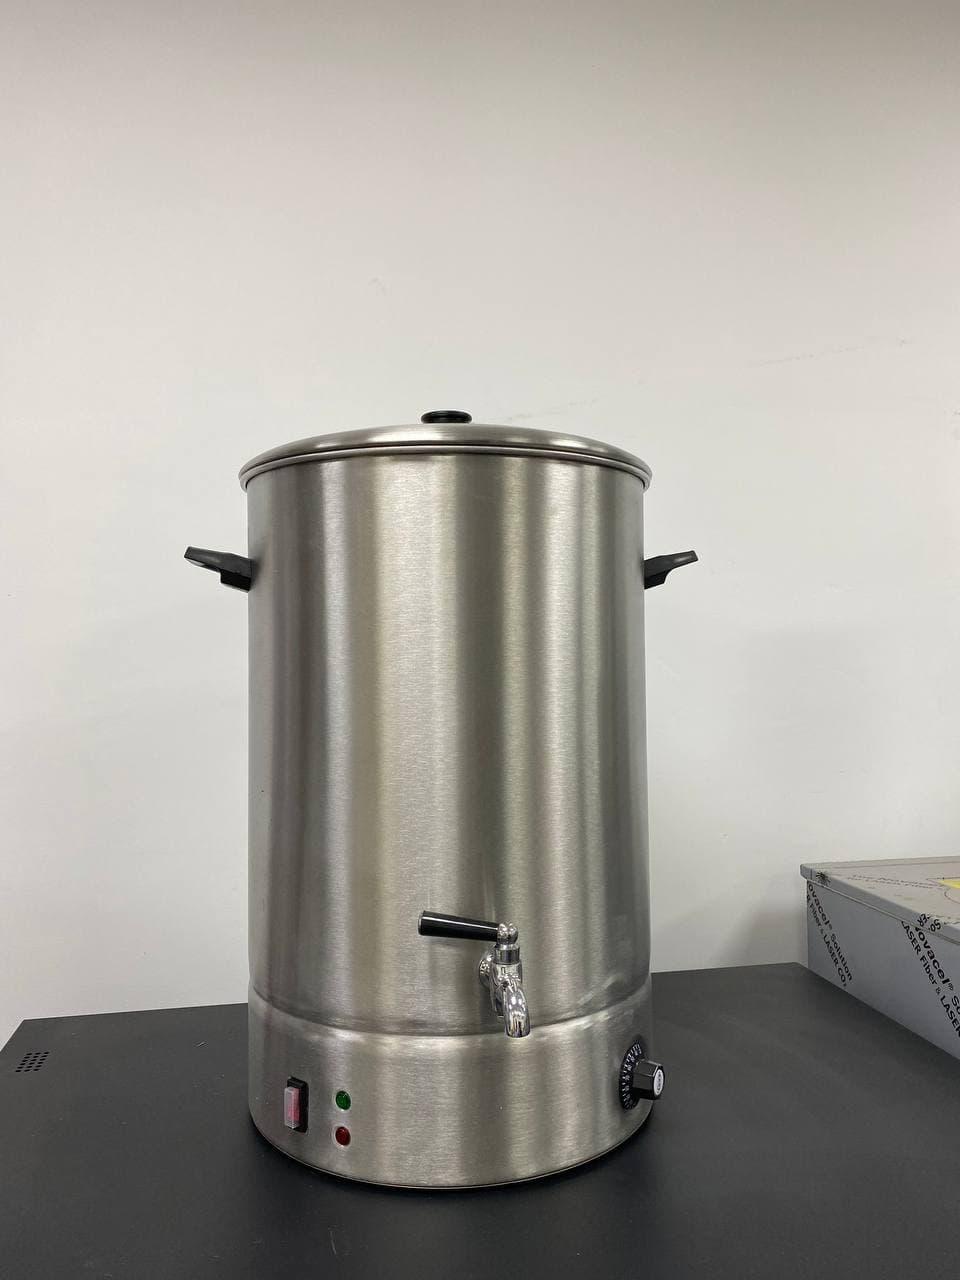 Электро-кипятильник (чаераздатчик) 40 литров, без водомера. Гонконг-стайл.